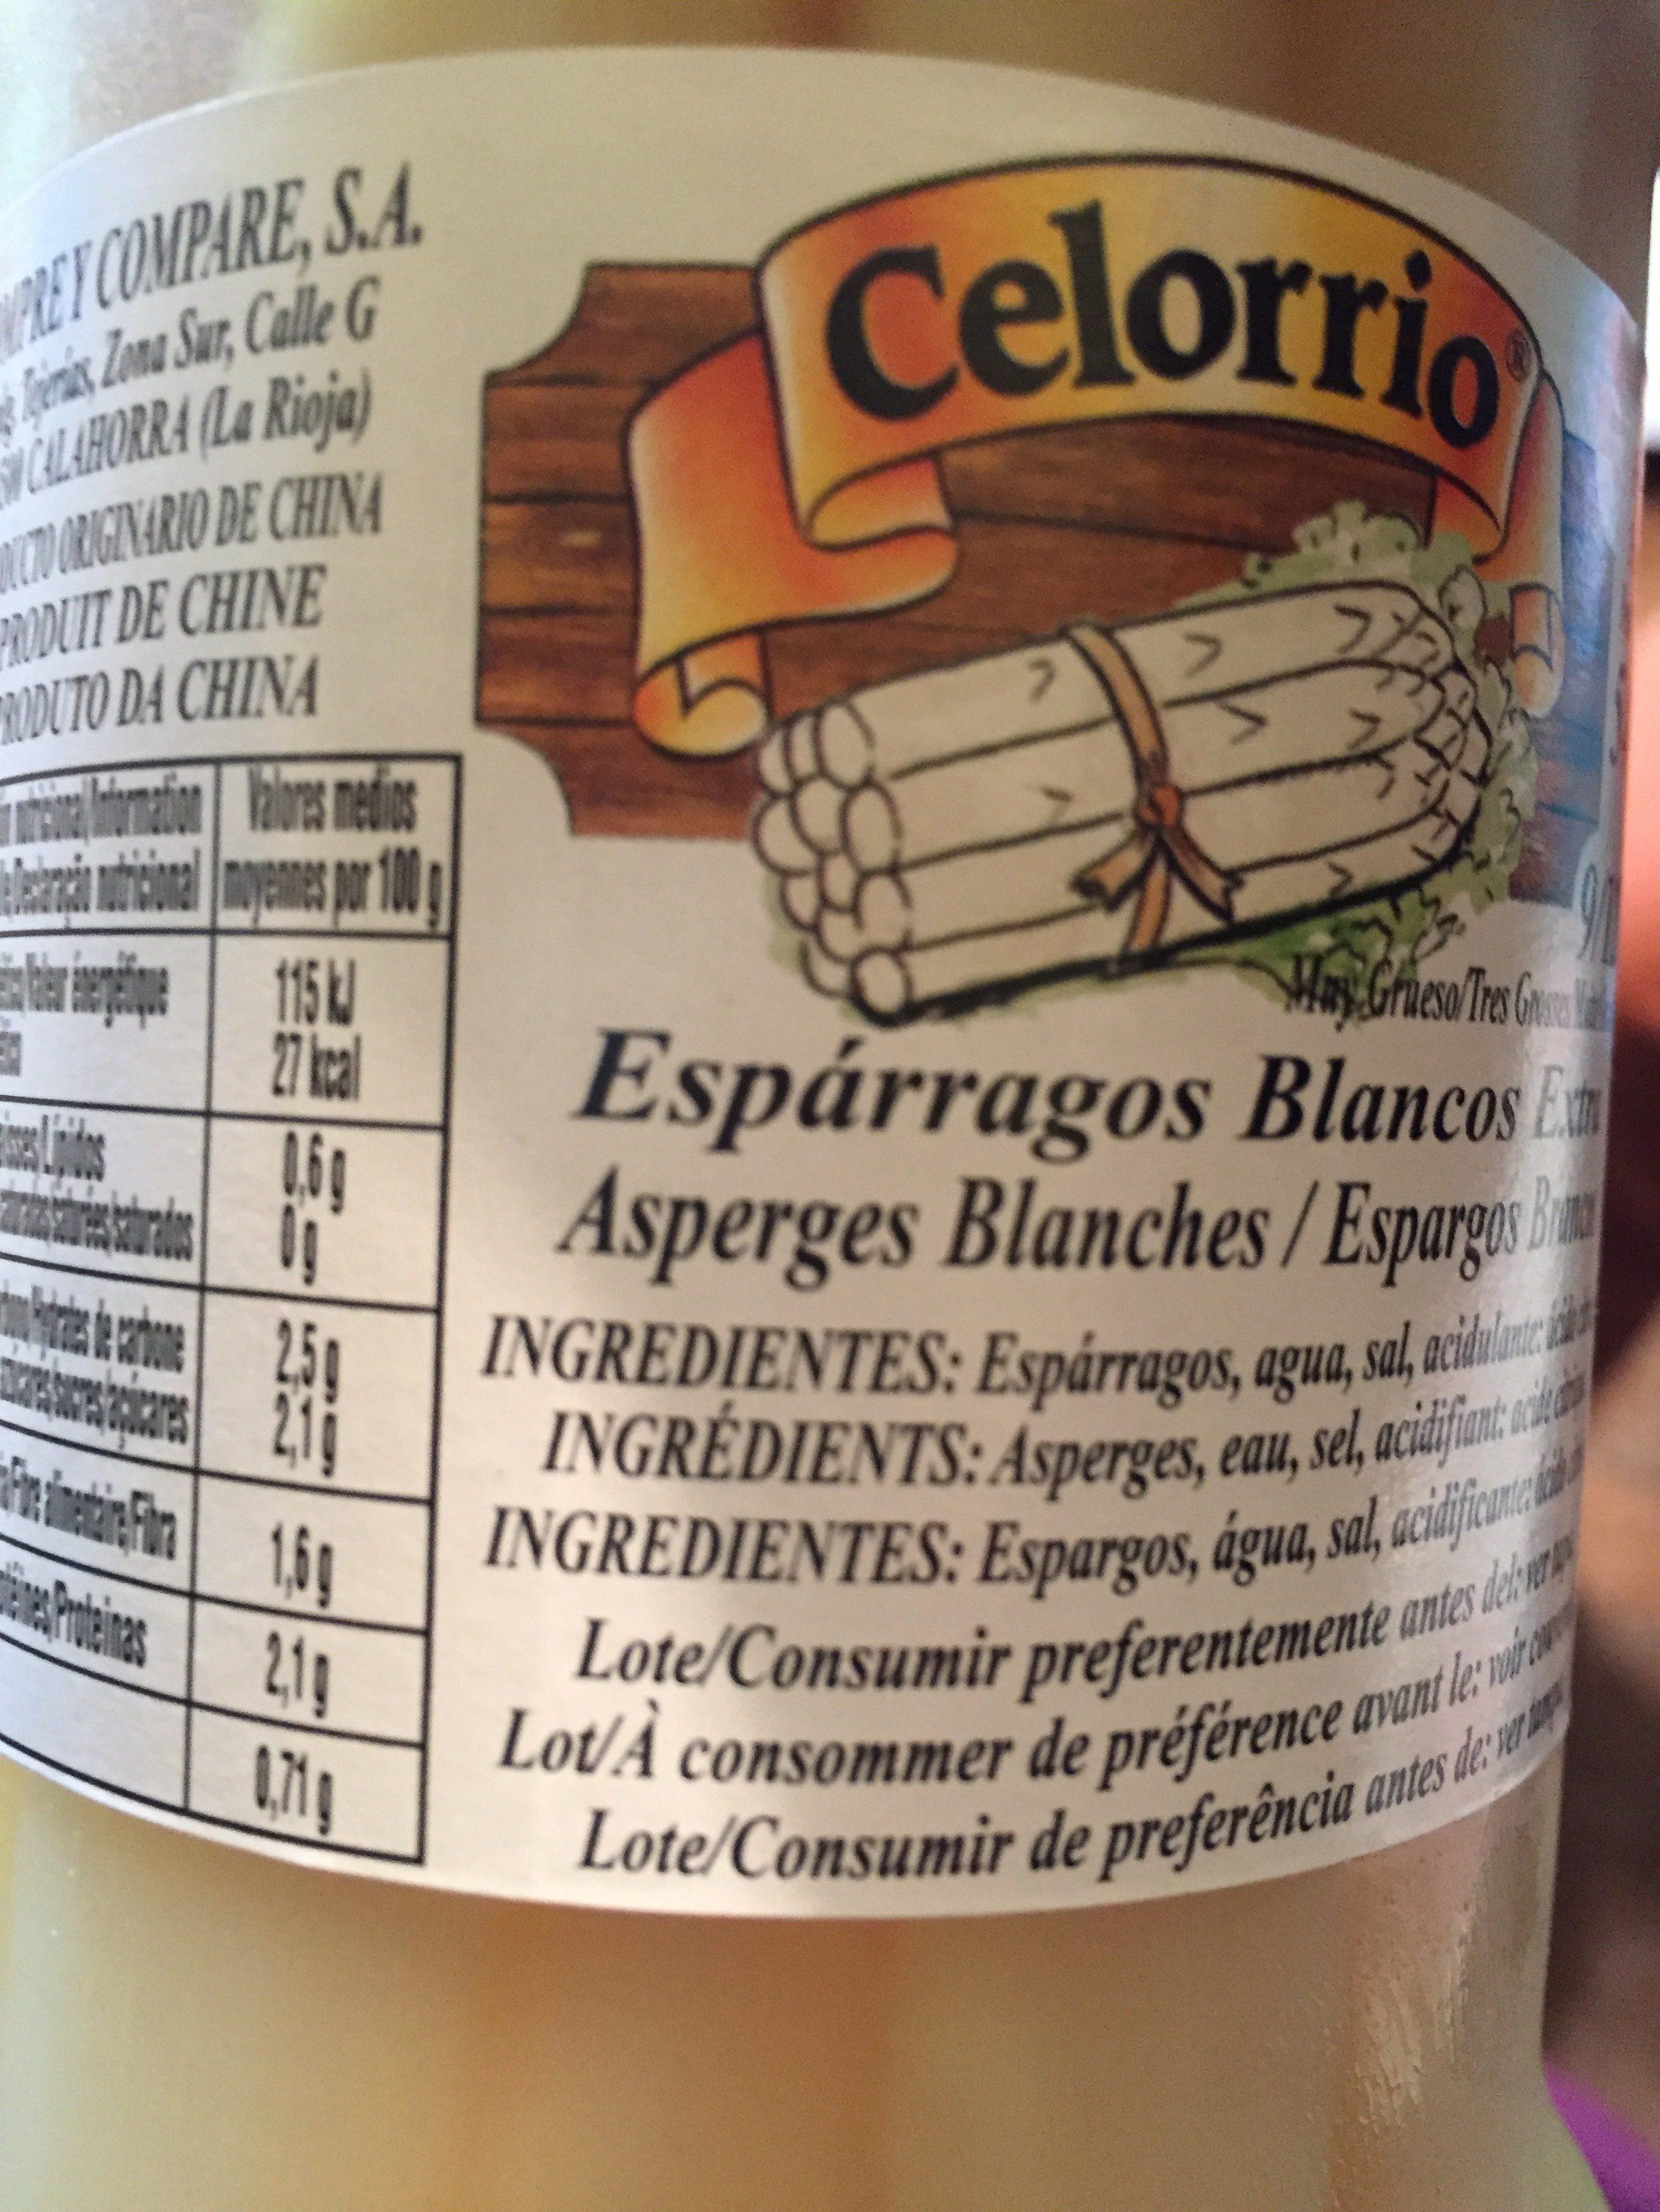 Espárragos Blancos Extra 9 / 12 Tarro - Ingrédients - fr